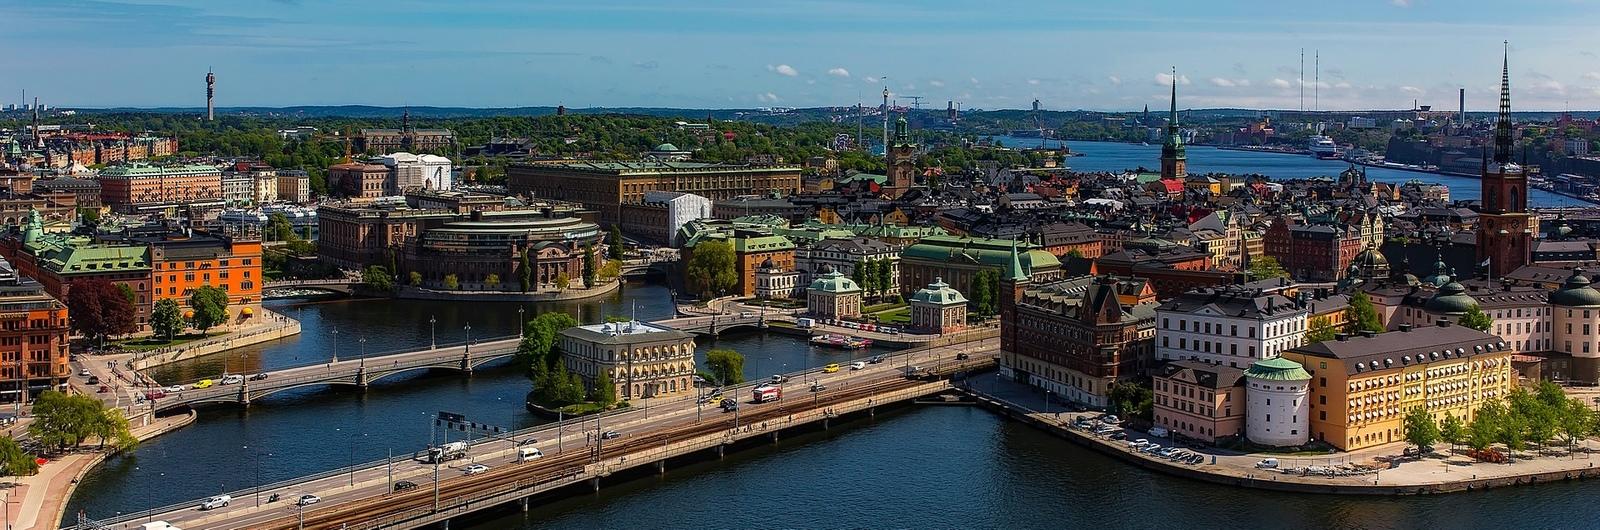 stockholm city header